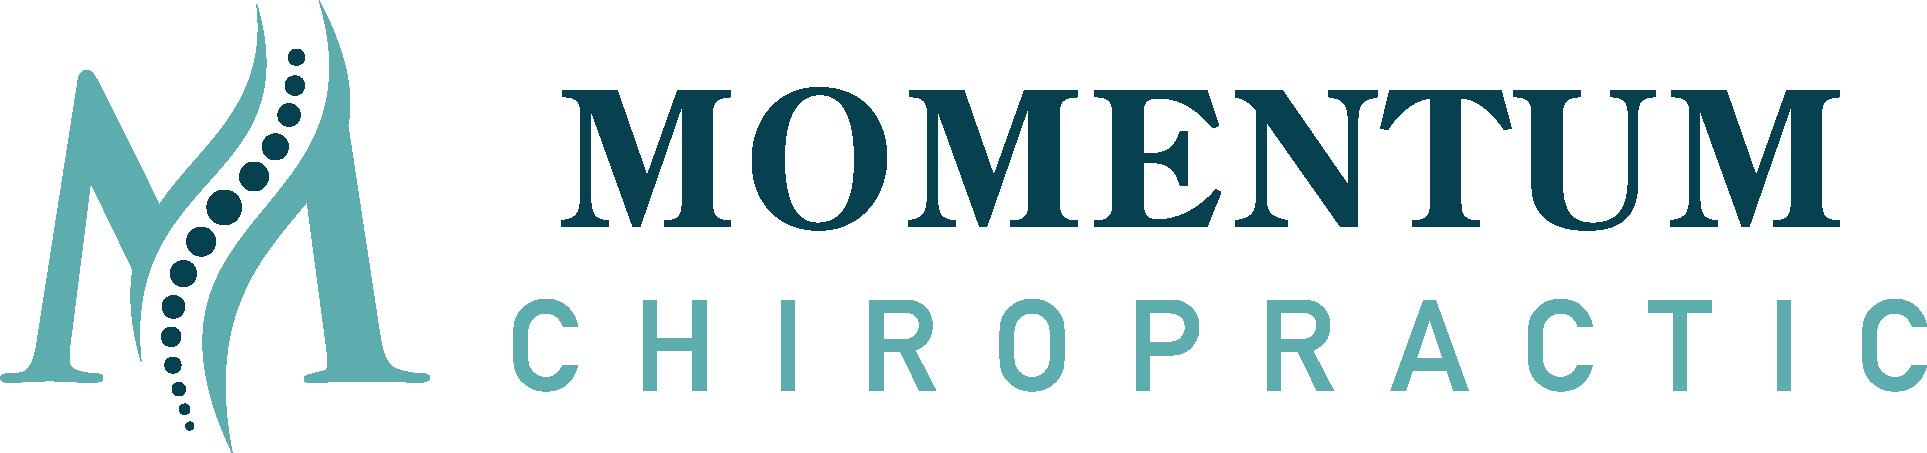 Momentum Chiropractic logo